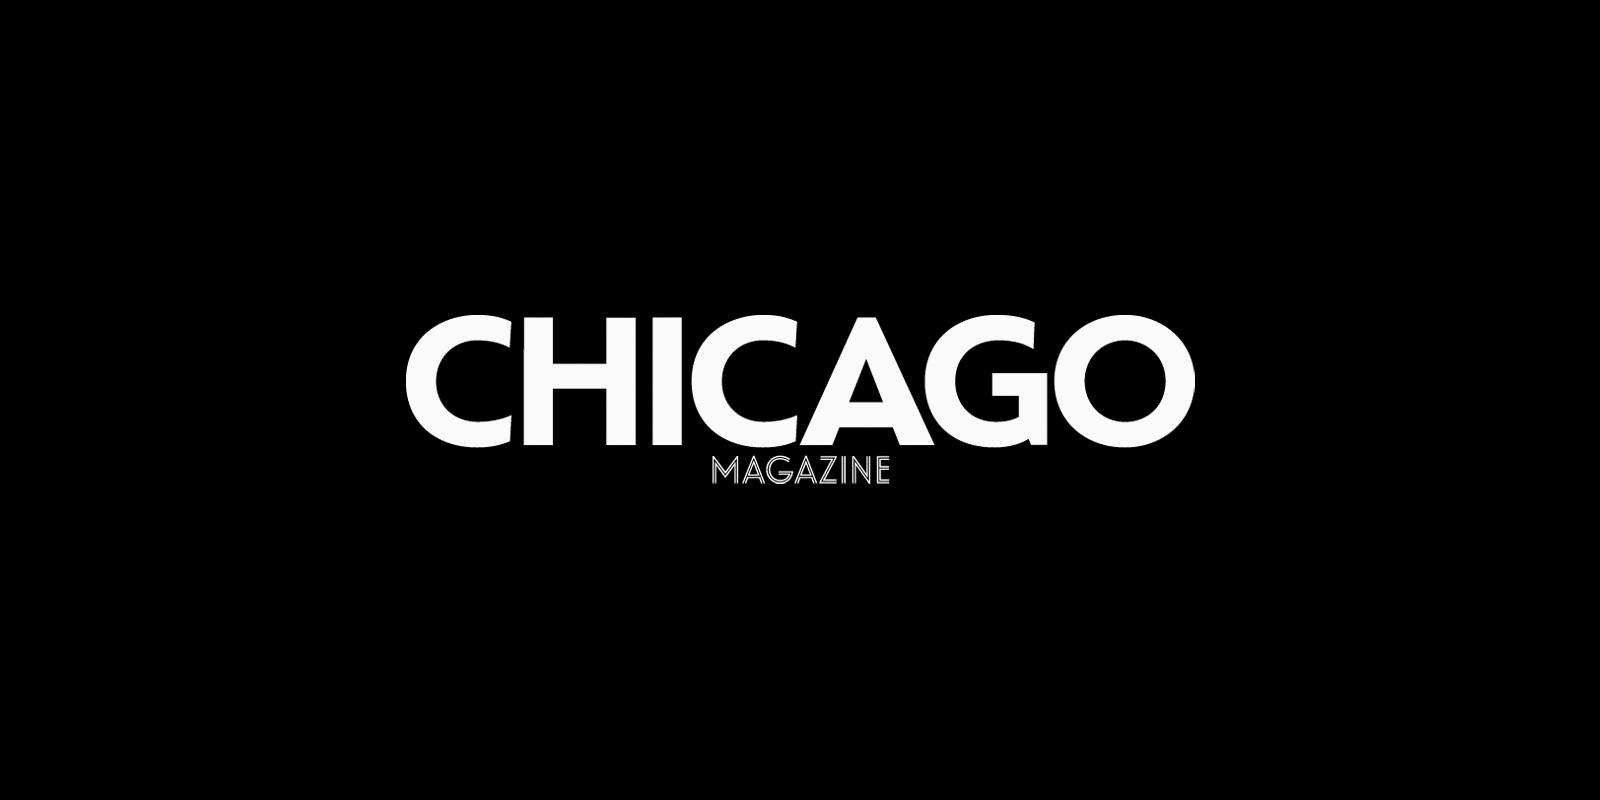 chicagomag-logo-horiz-black.jpg